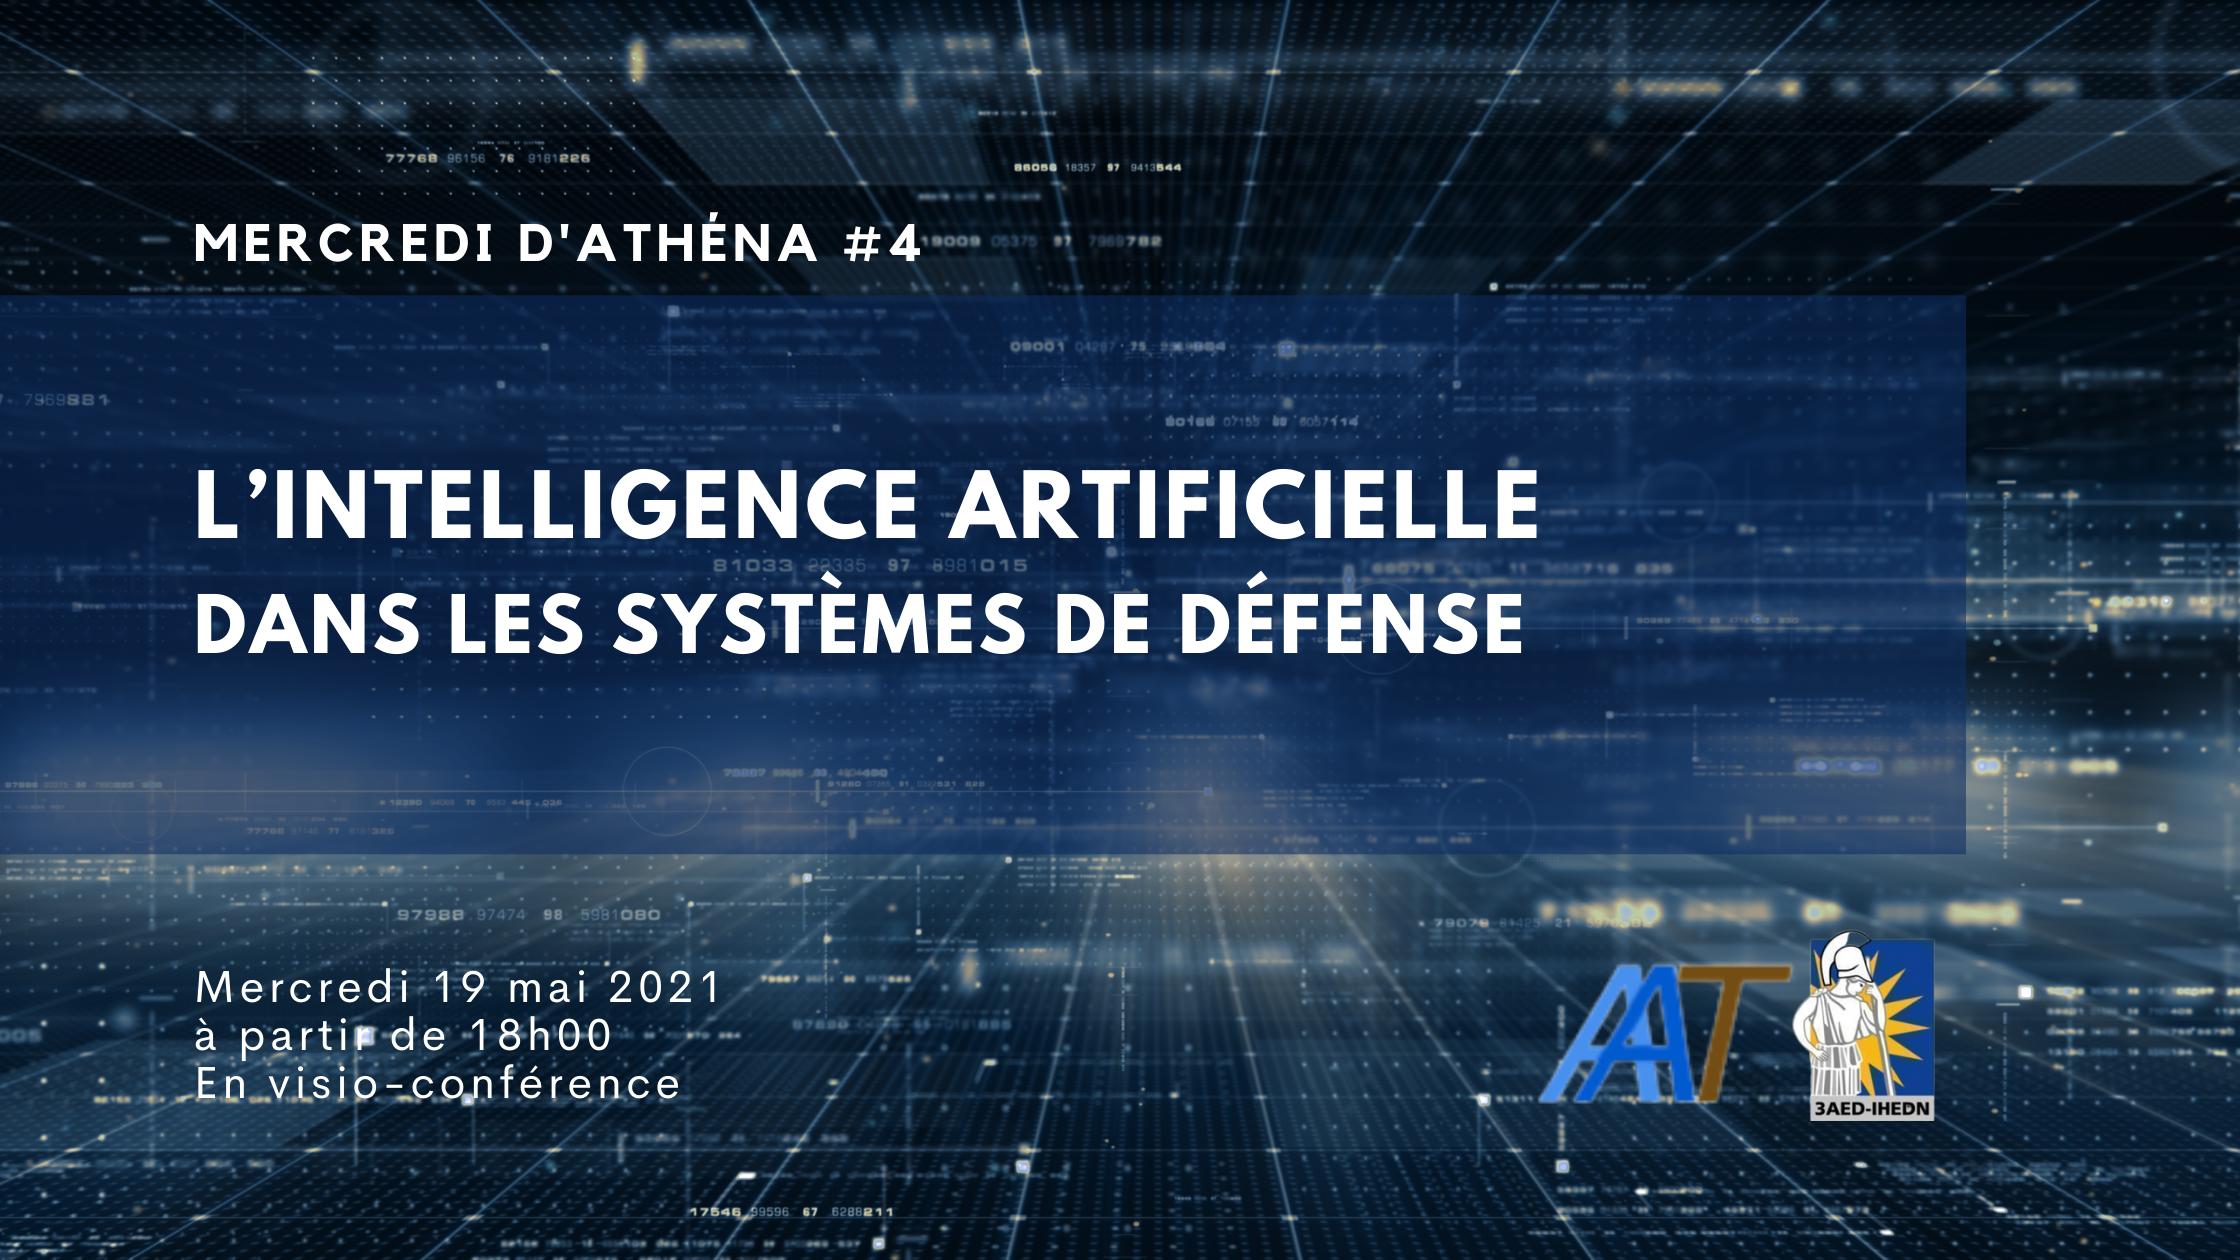 Mercredi d'Athéna #4 | L'intelligence artificielle  dans les systèmes de défense